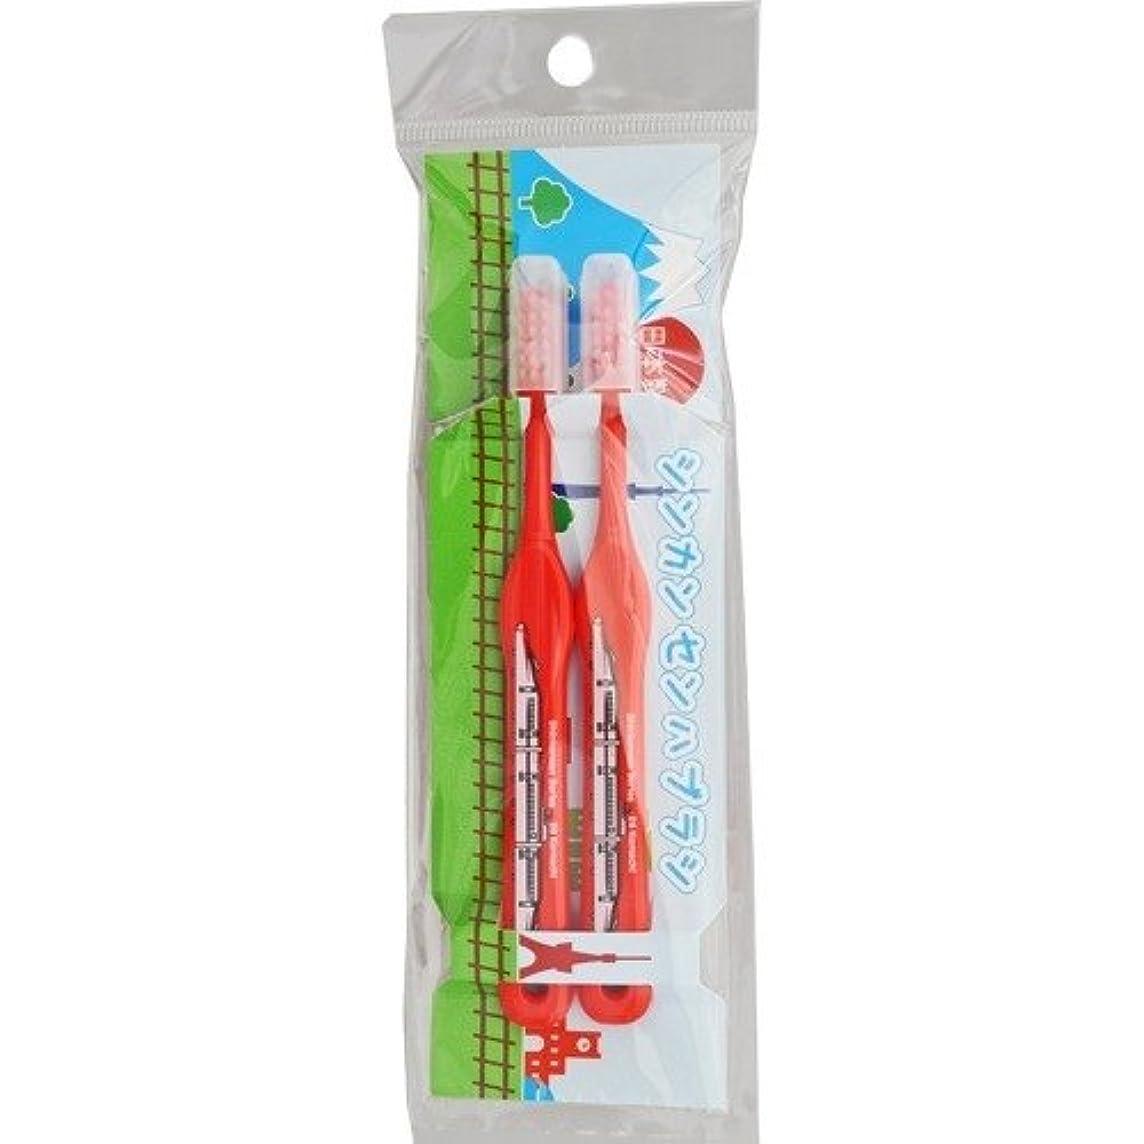 誤飢饉オーストラリアSH-283 新幹線歯ブラシ2本セット E6系こまち